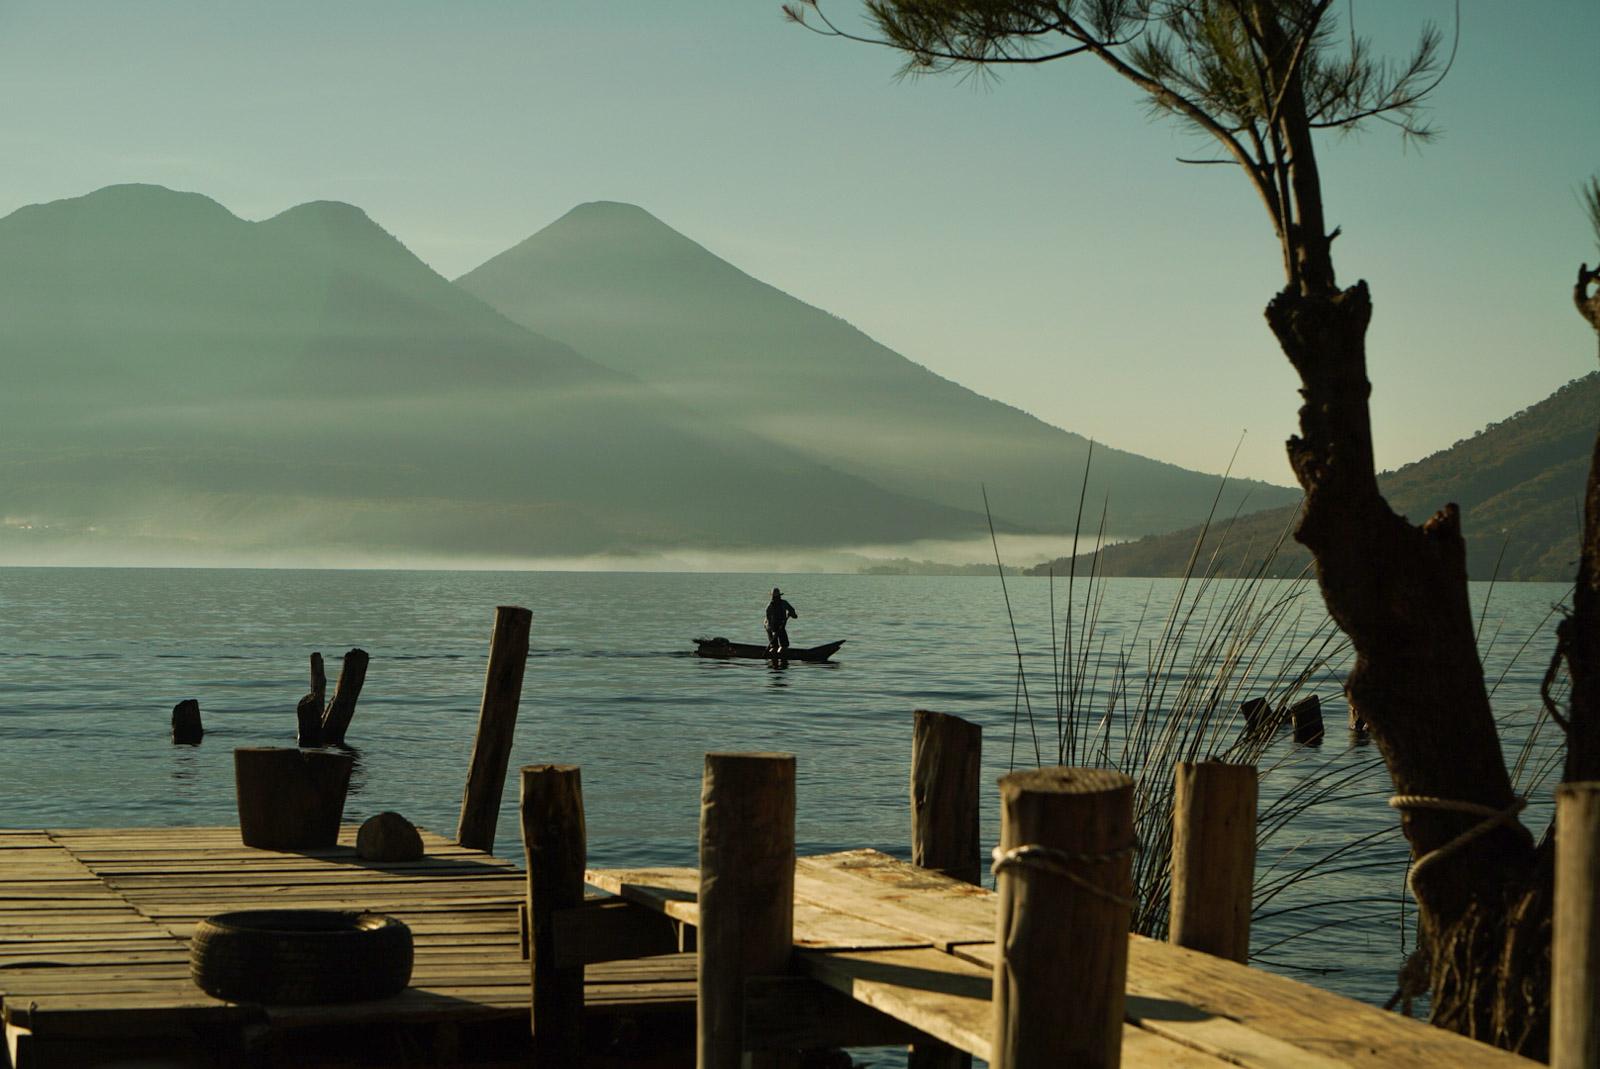 3-Guate-Lake-Atitlan-Fisherman-Volcanoes